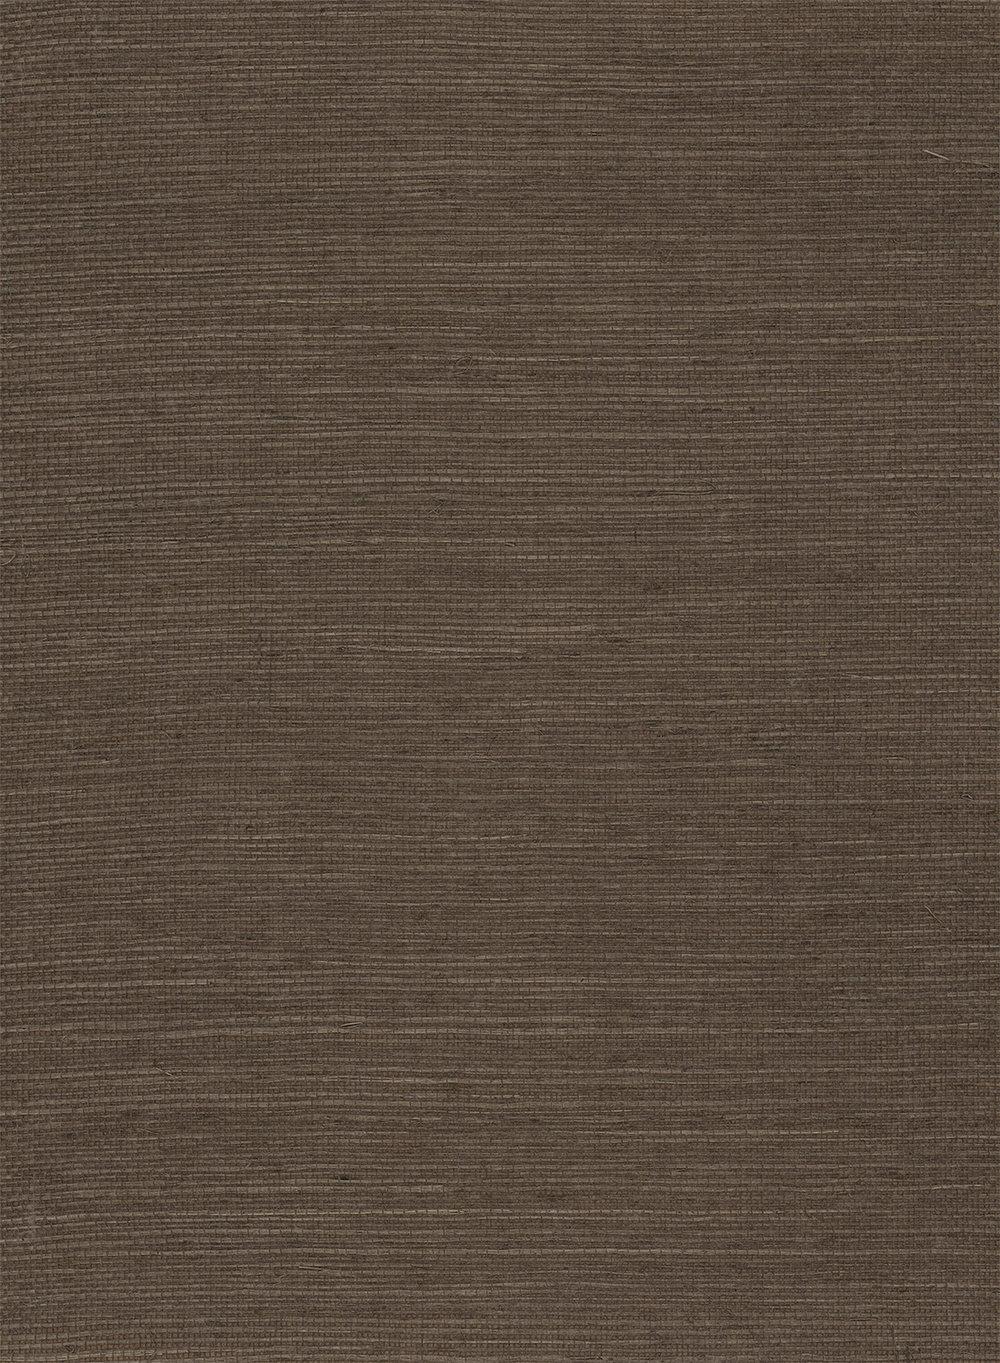 Sisal Grasscloth - Buckeye